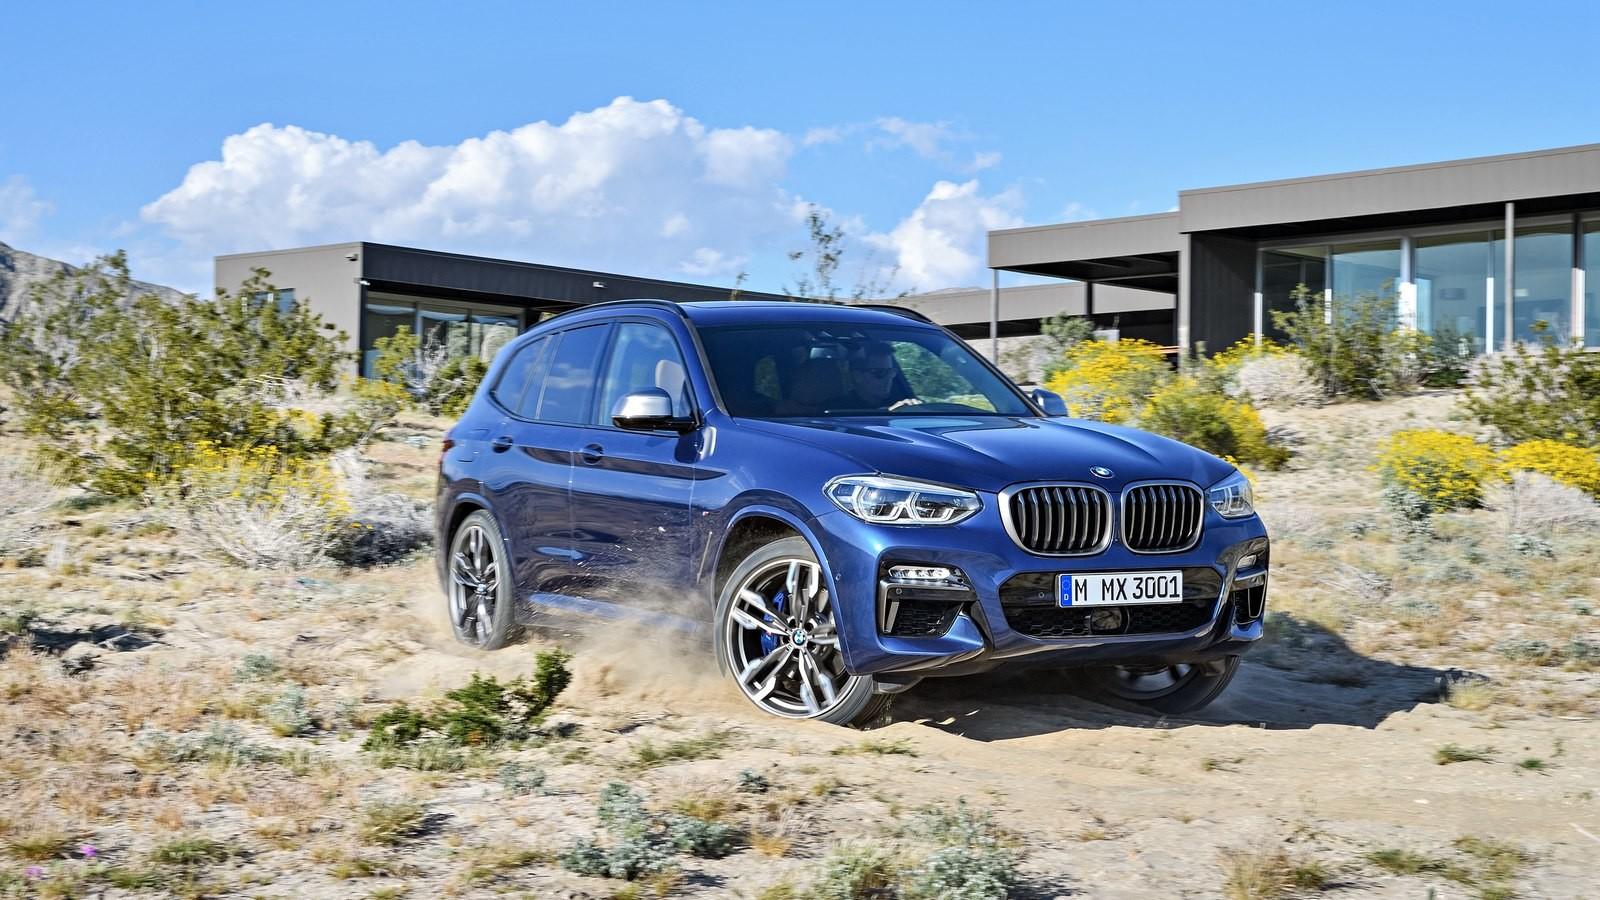 Всети опубликованы свежие рендеры нового кроссовера BMW X5